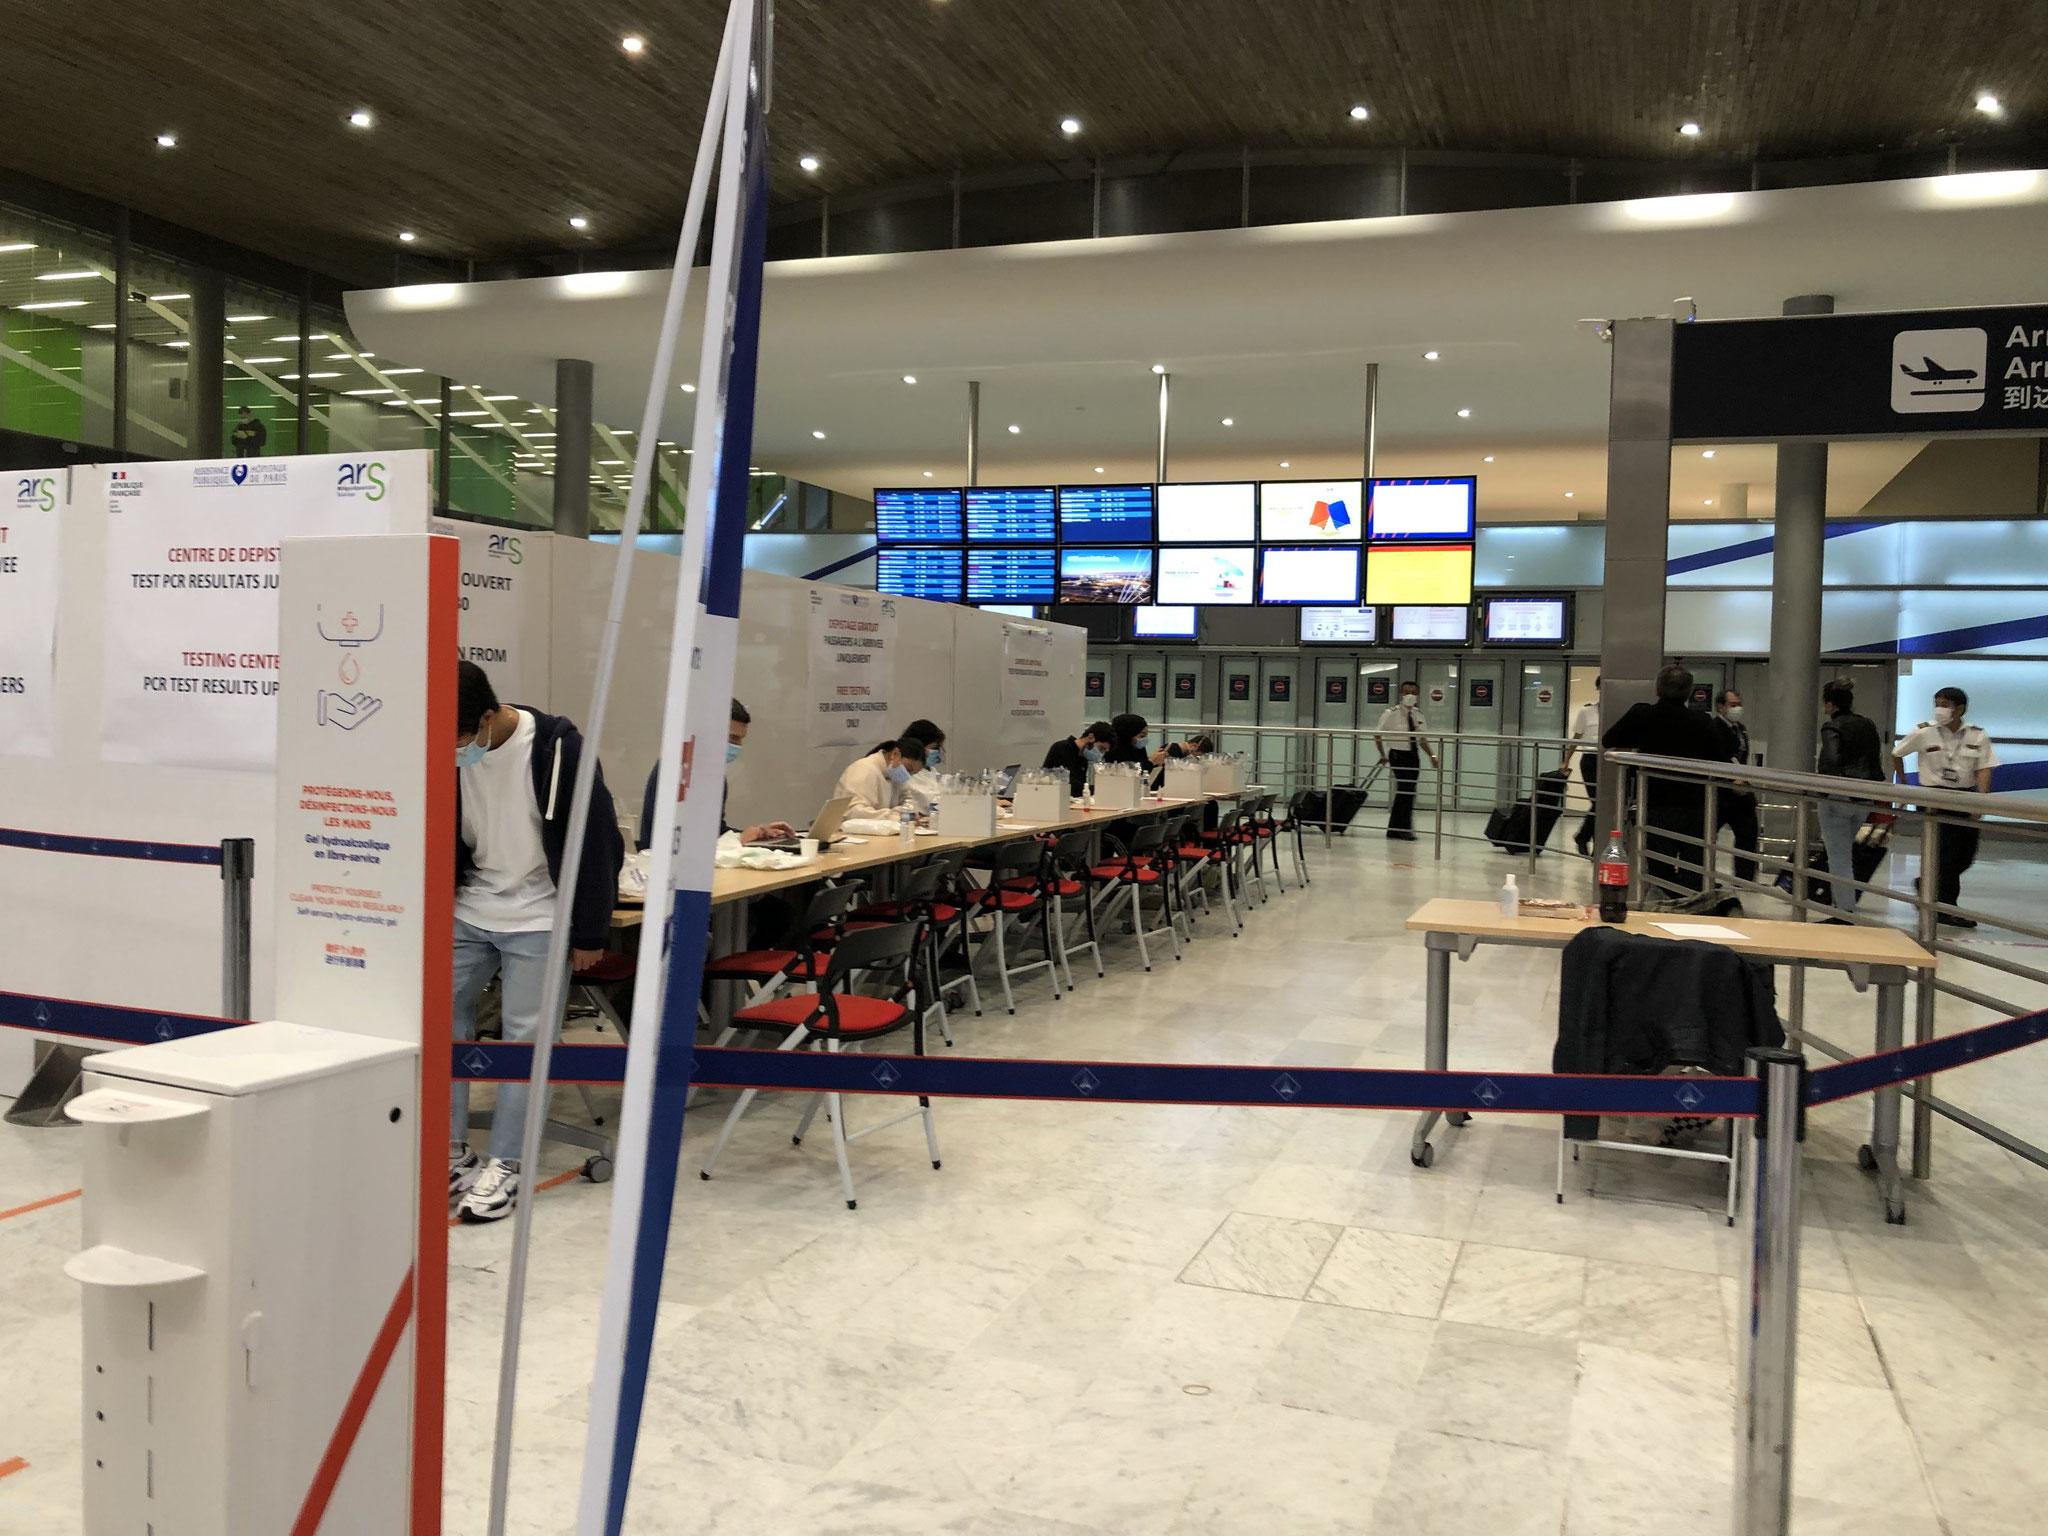 シャルル・ド・ゴール空港到着ホールで行われていたPCR検査。プライバシーの仕切りなどもなく、検査官も防護服を着ていない。